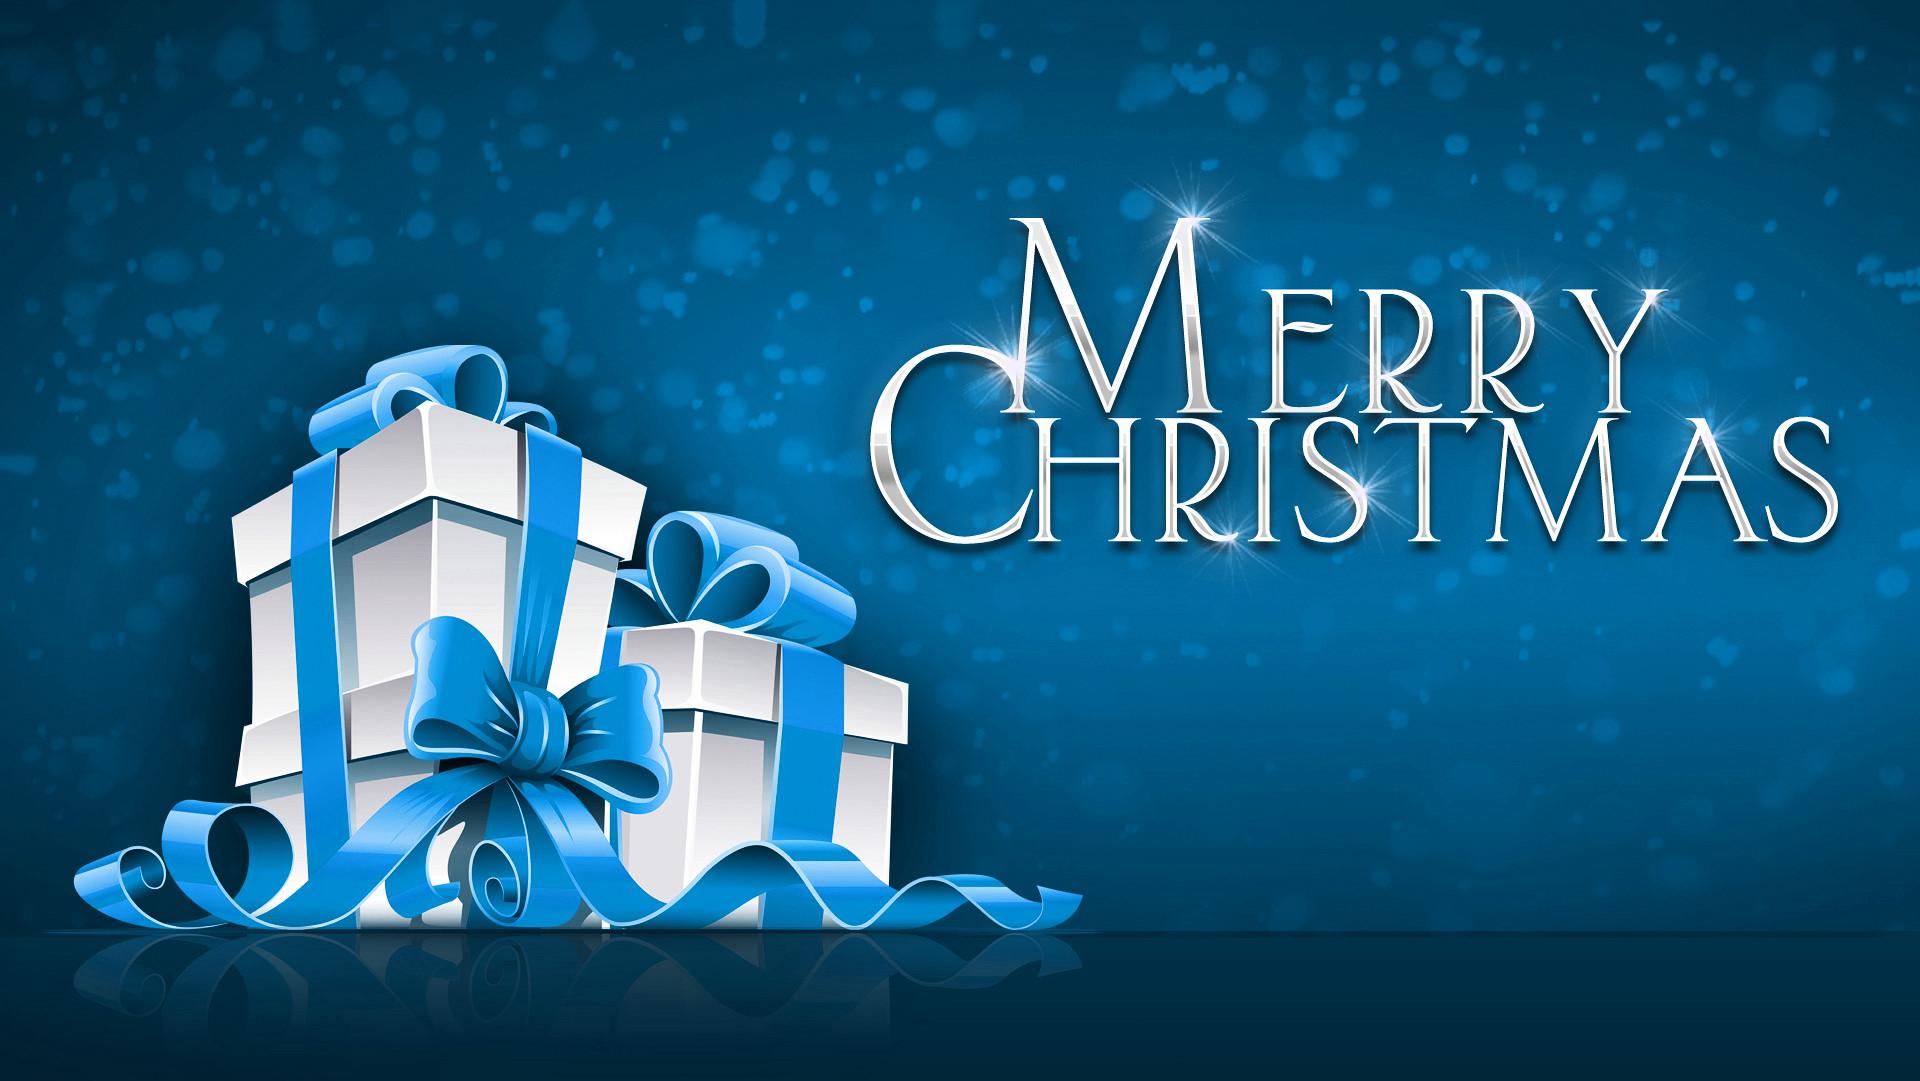 Merry Christmas 1080p Widescreen HD Wallpaper.